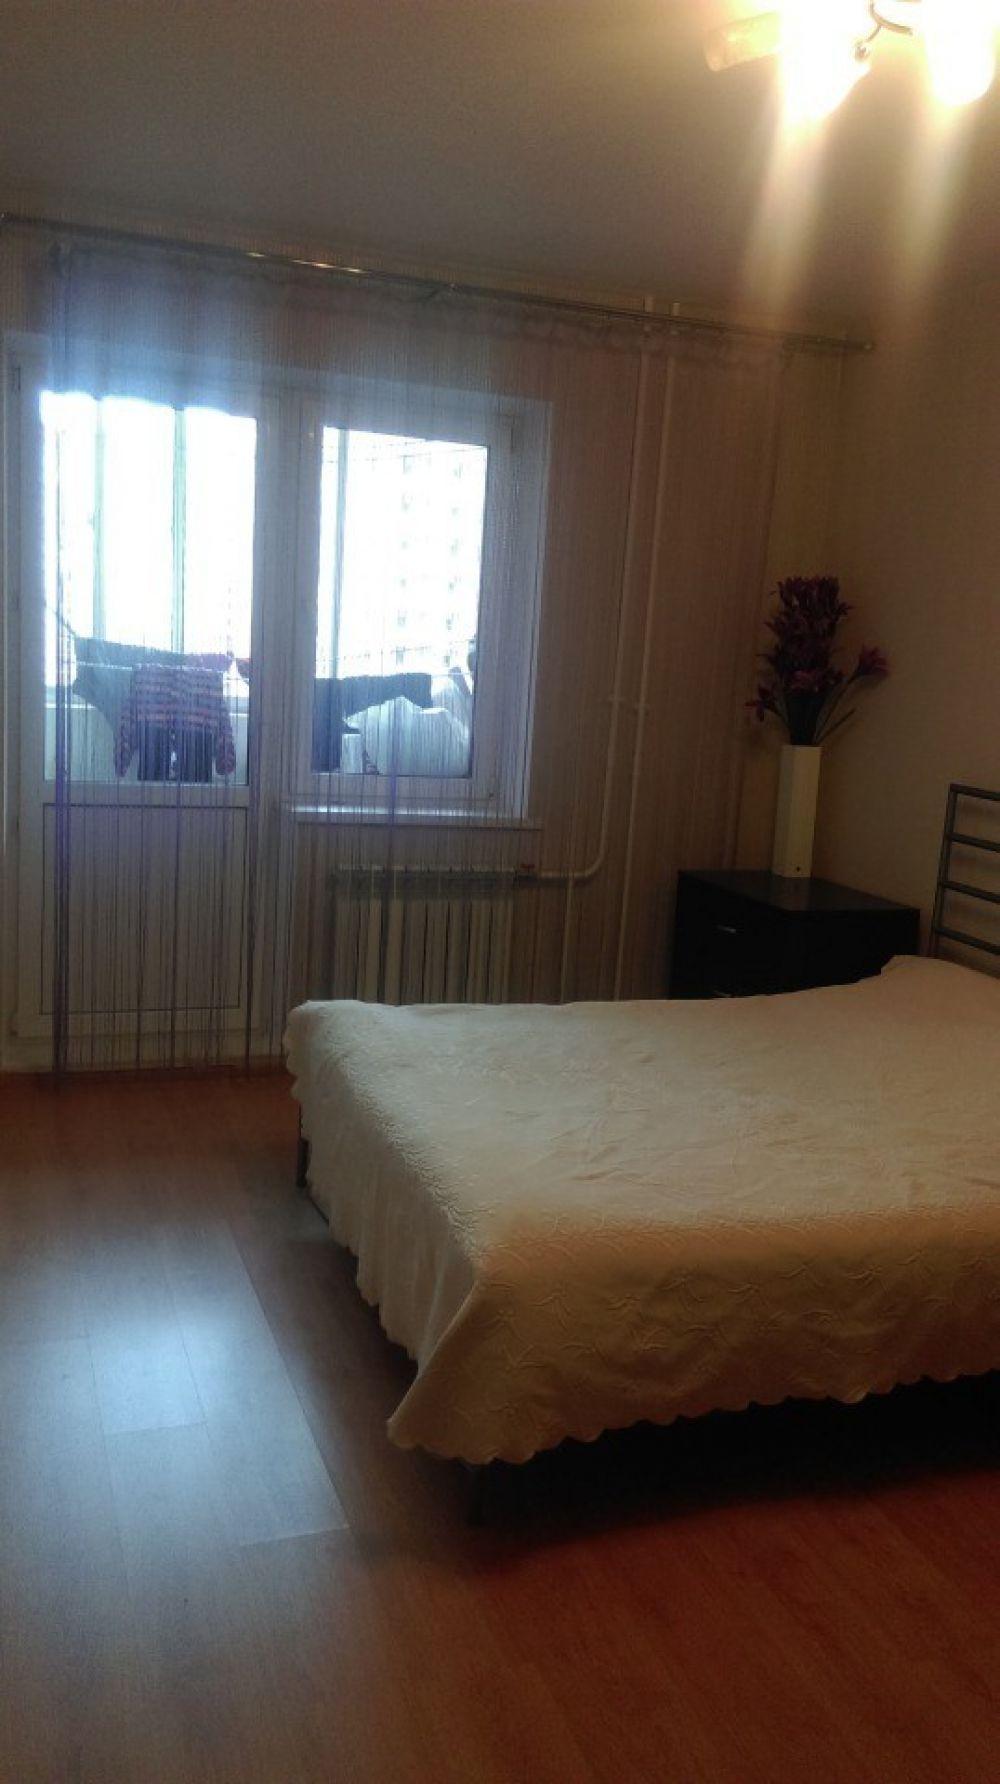 3-к квартира, Щелково, Богородский мкр, фото 2